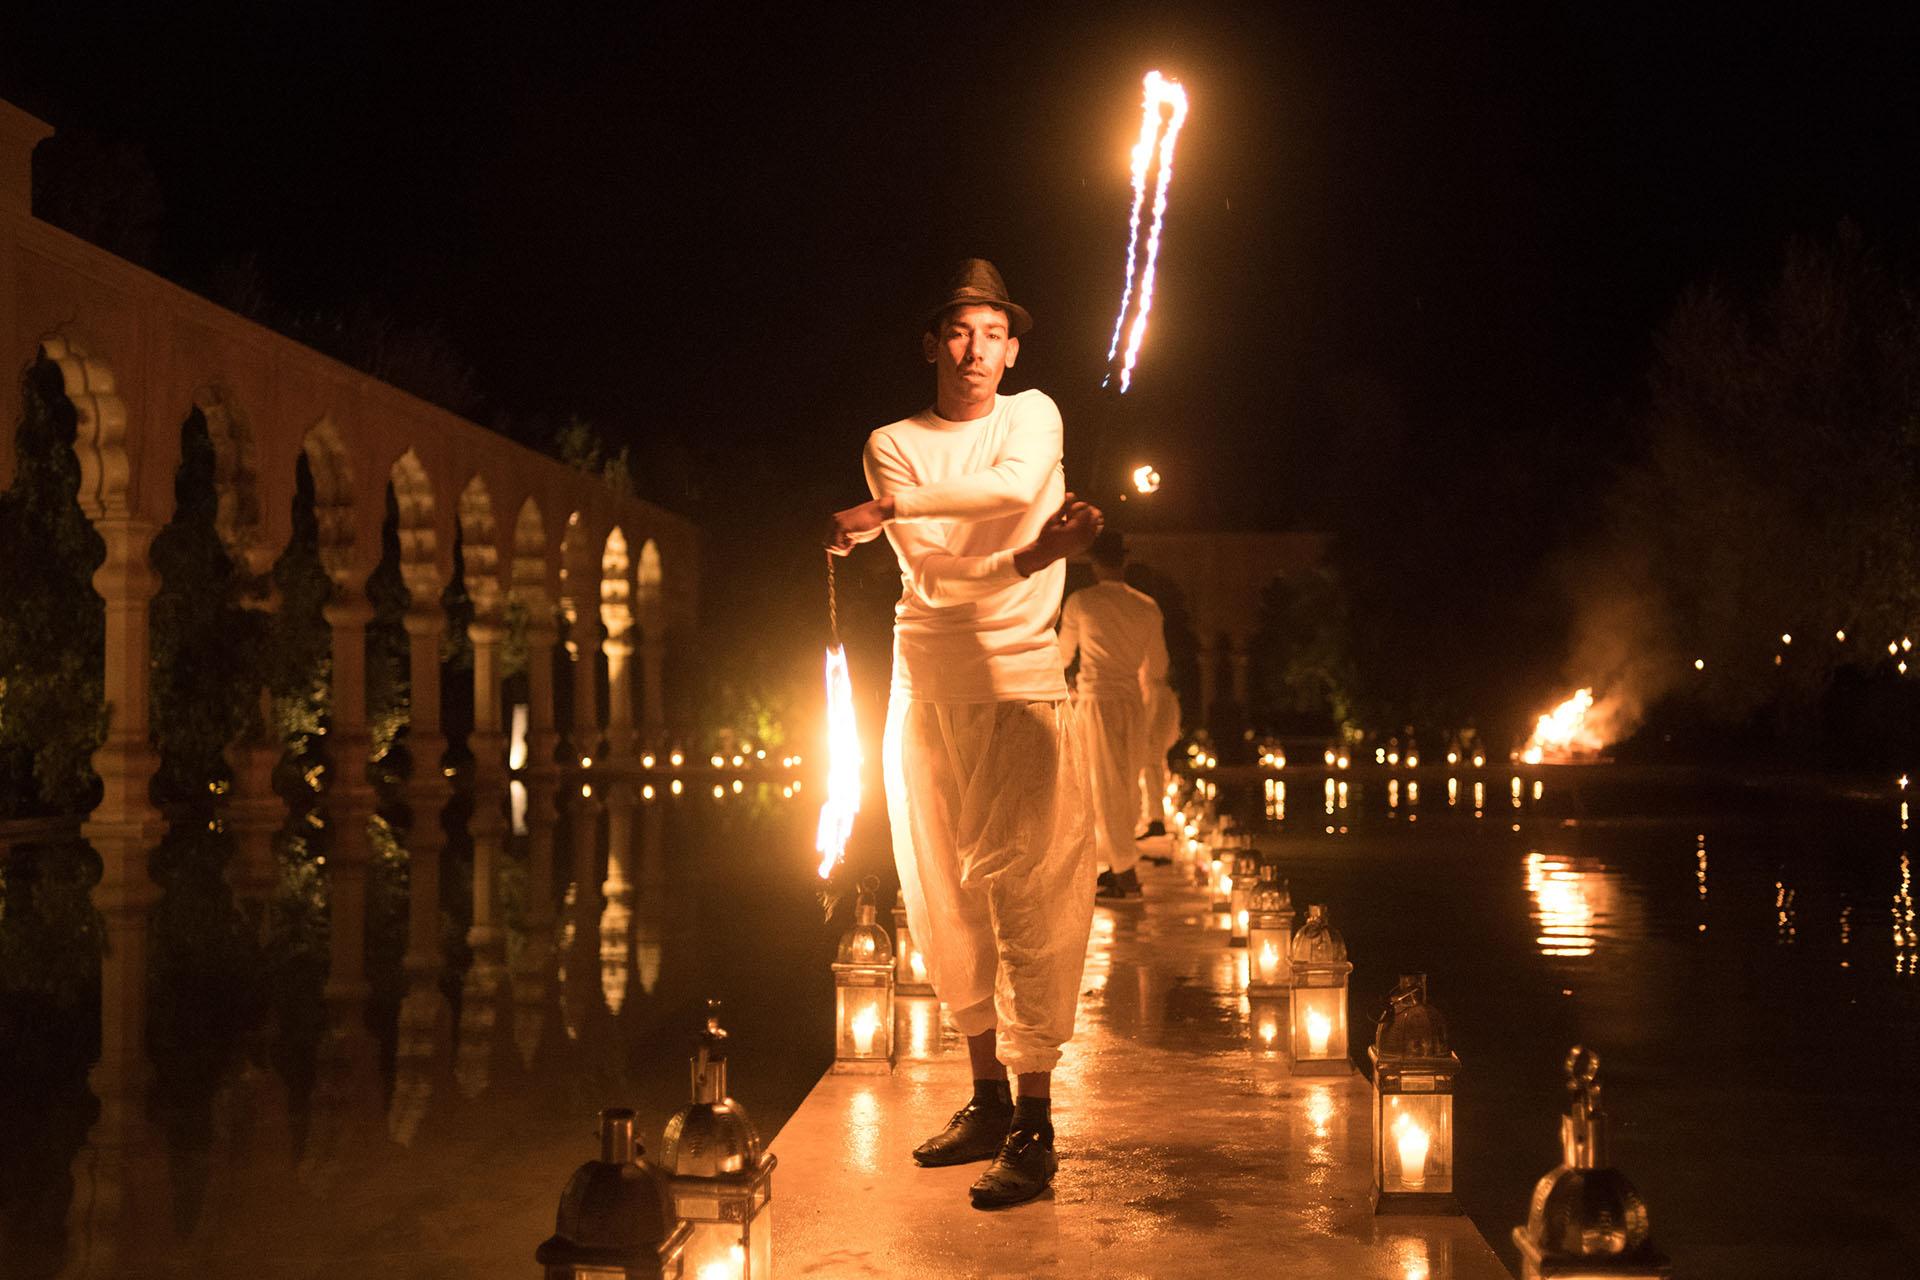 Los shows con fuego estuvieron presentes en casi todos los festejos